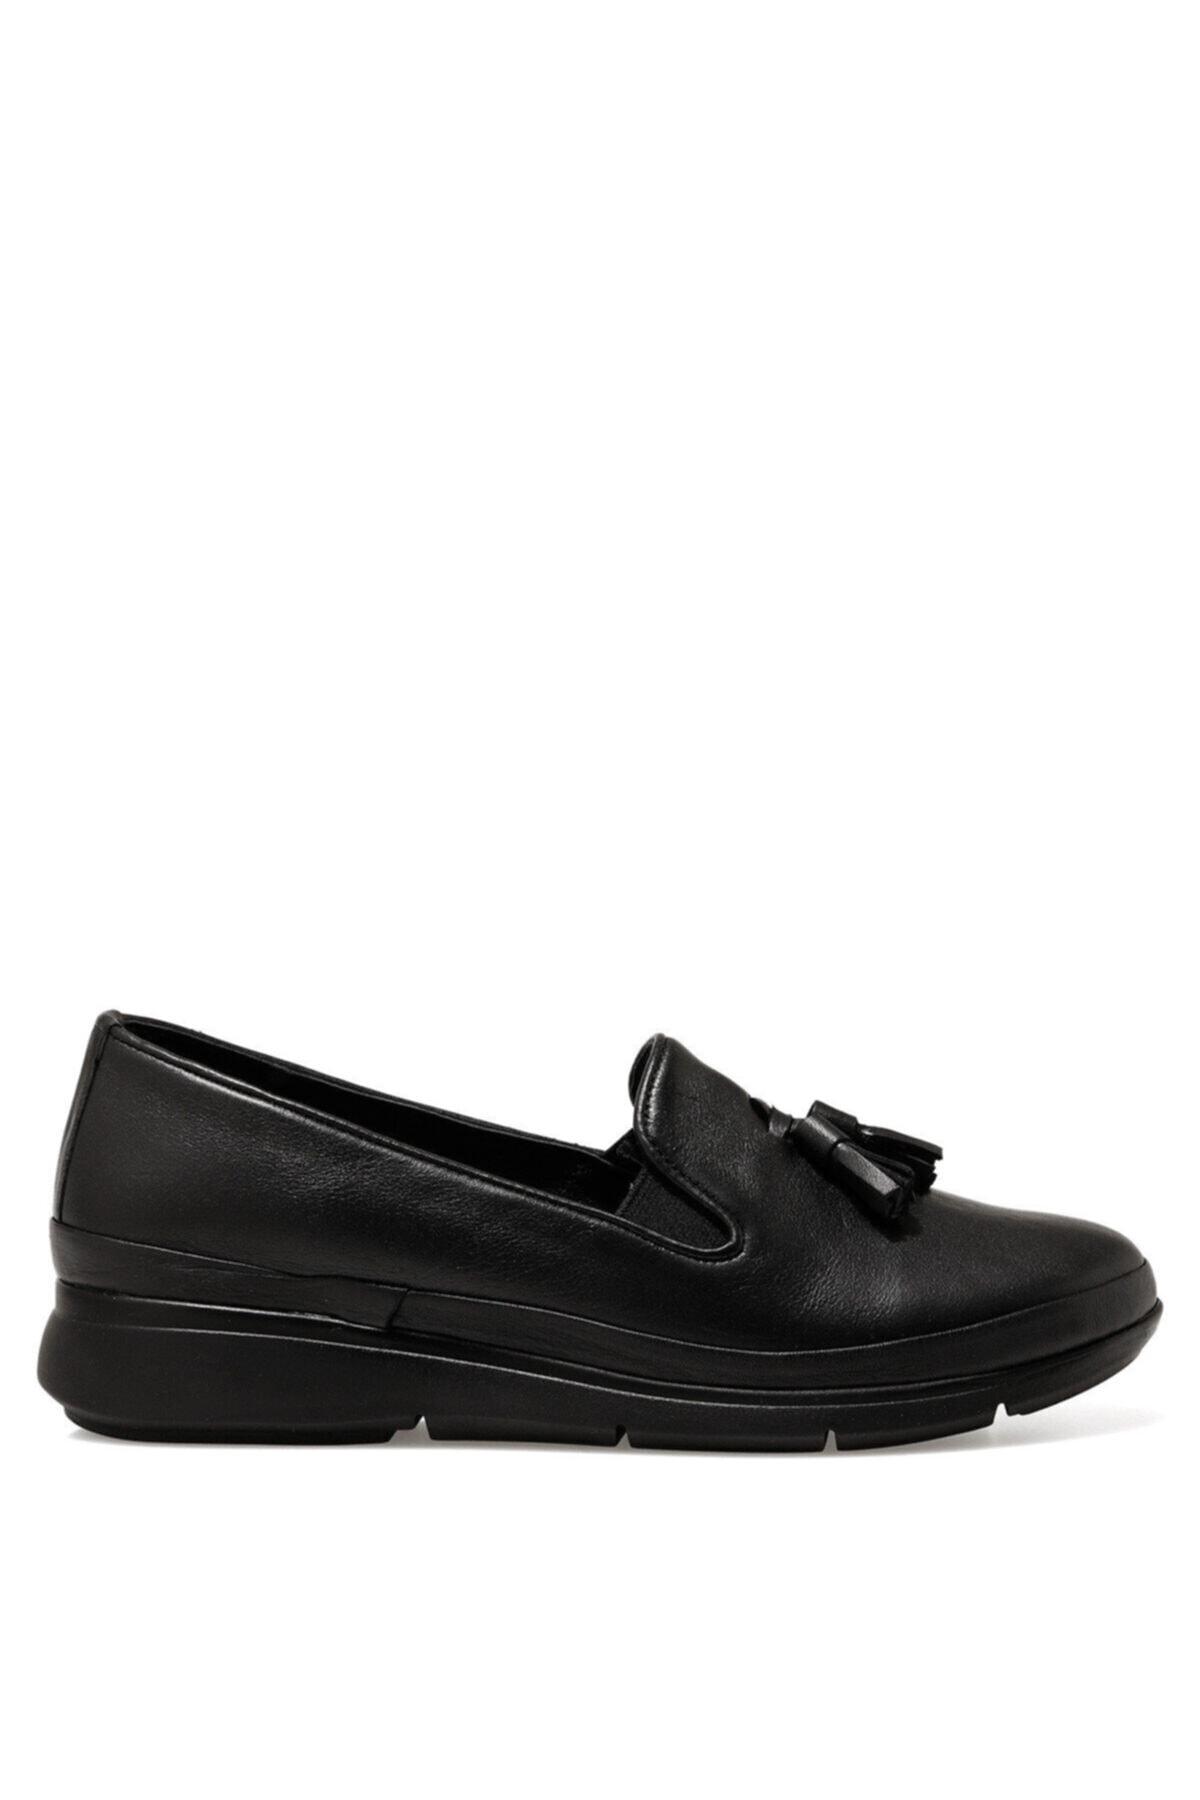 CARMINE Siyah Kadın Comfort Ayakkabı 101025774